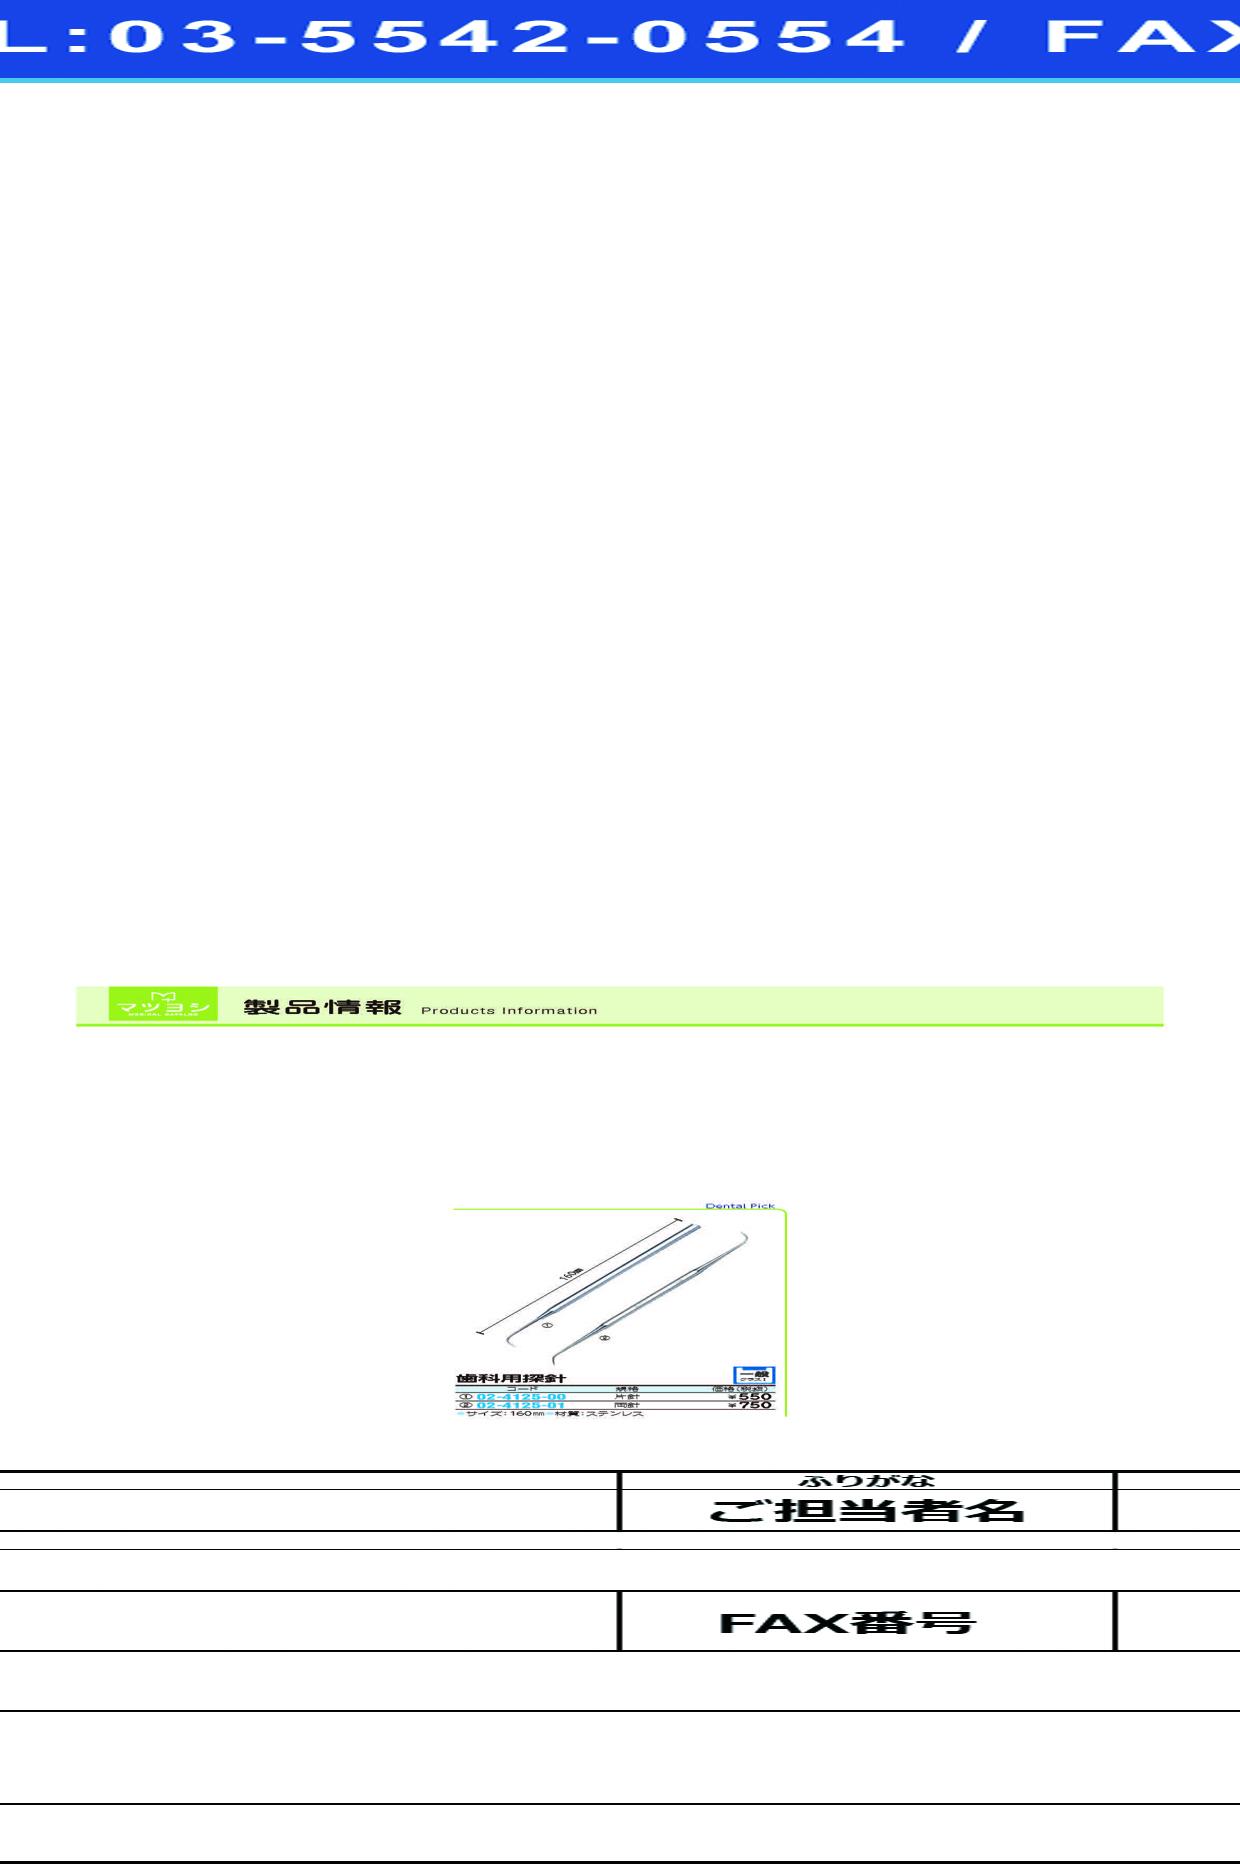 (02-4125-01)歯科用探針(両針) 160MM シカヨウタンシン(リョウバリ)【1本単位】【2019年カタログ商品】